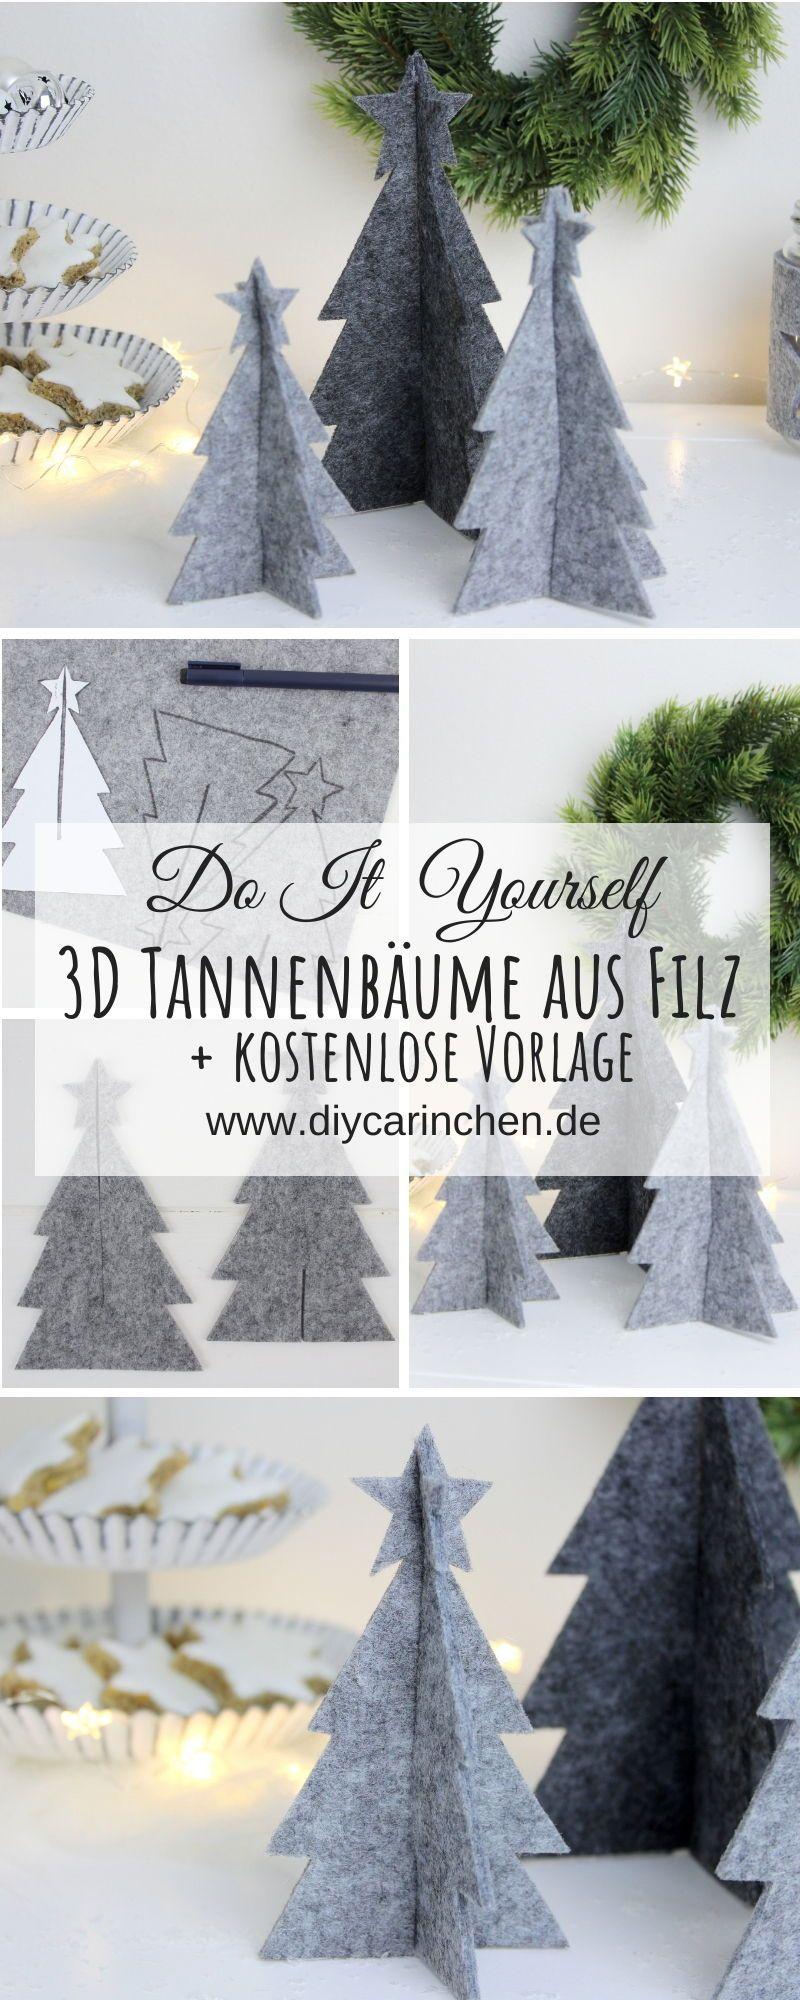 DIY – 3D Tannenbaum aus Filz einfach selber machen / Weihnachten